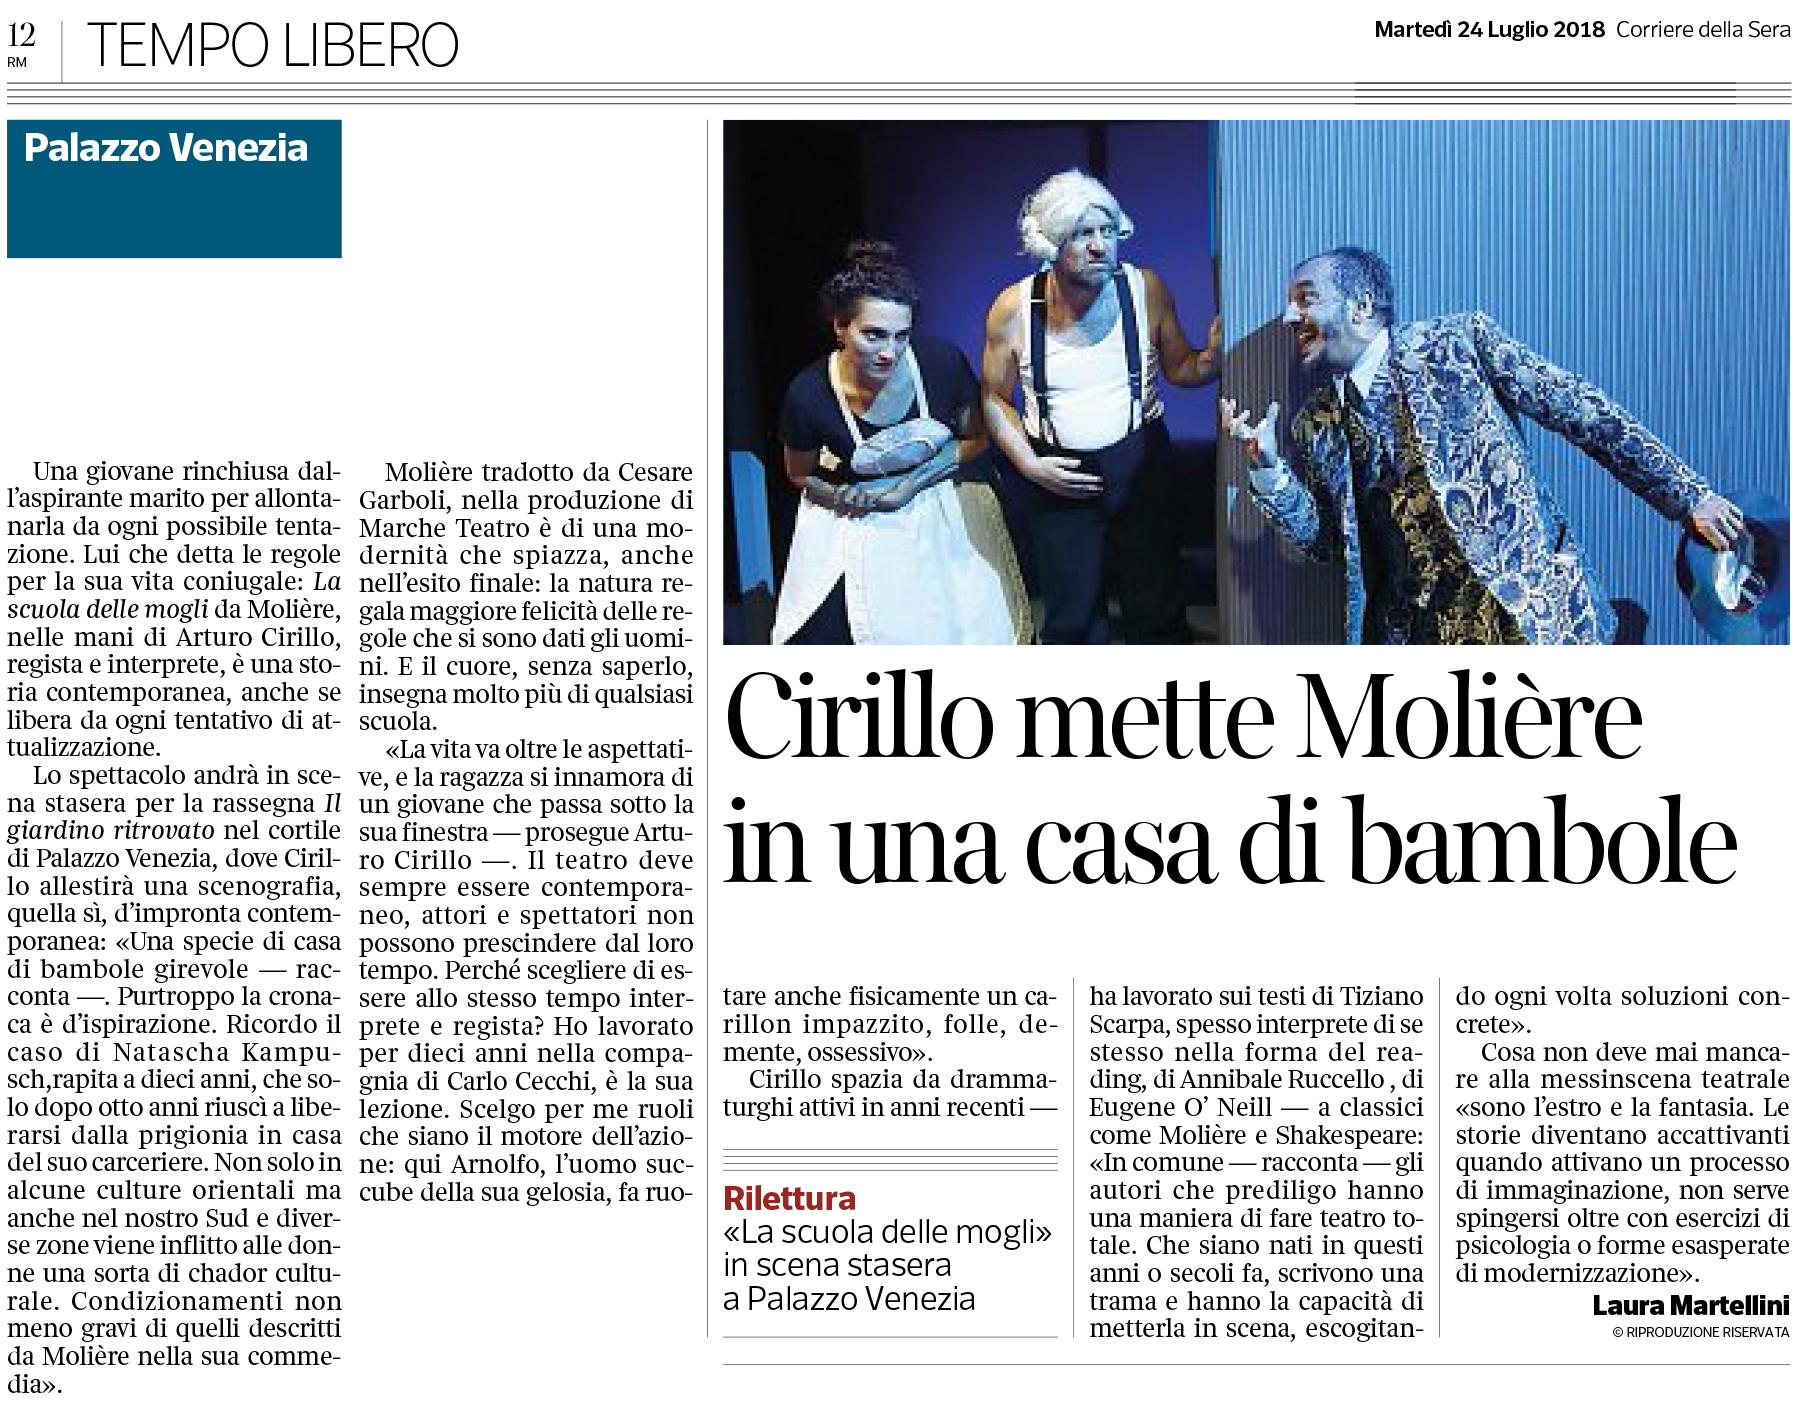 24 lug 2018 cirillo mette moli re in una casa di for Corriere della sera casa